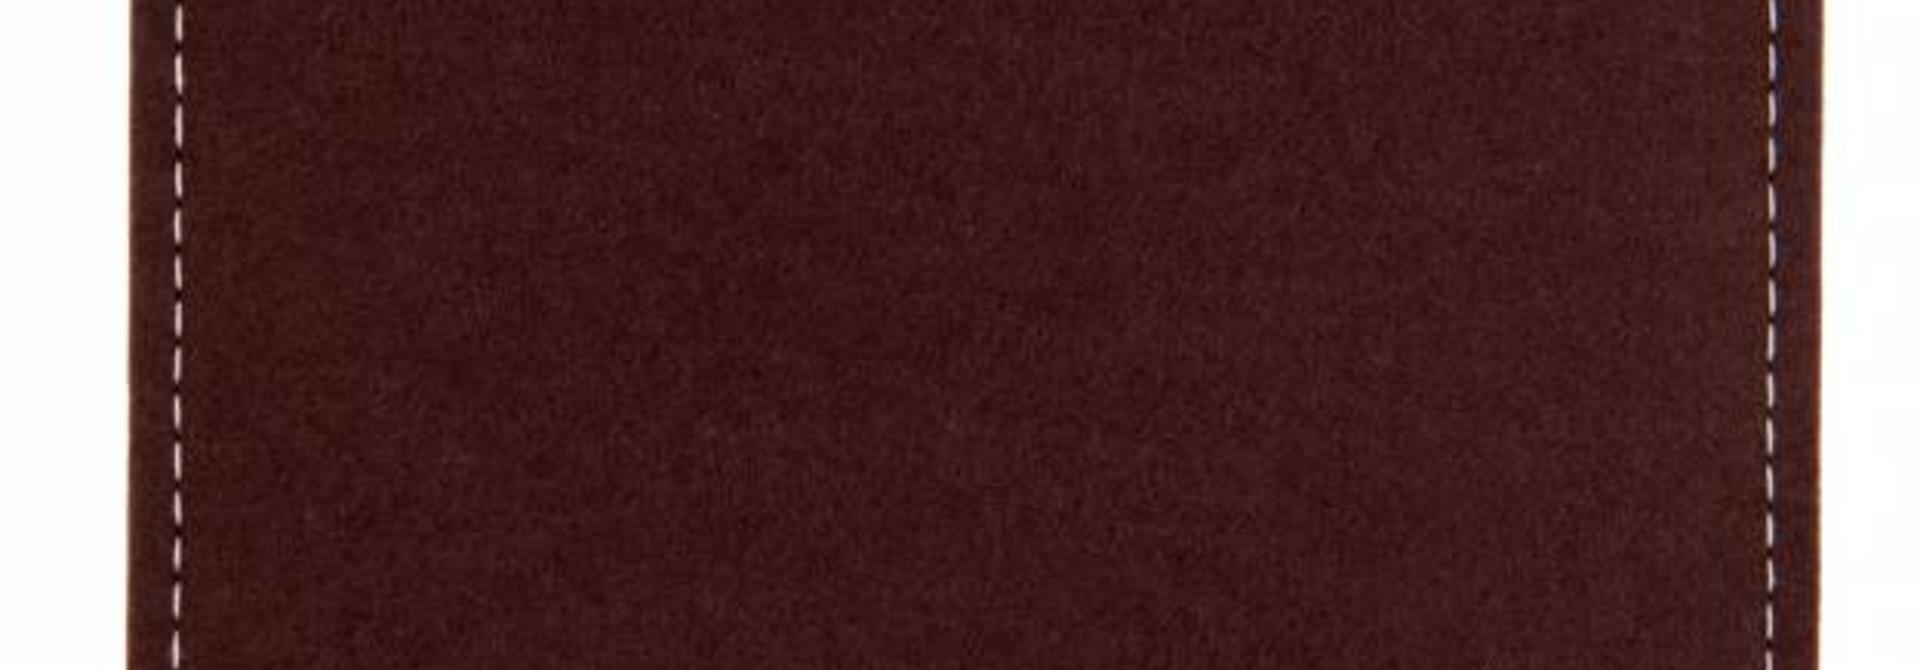 eBook Sleeve Dark-Brown